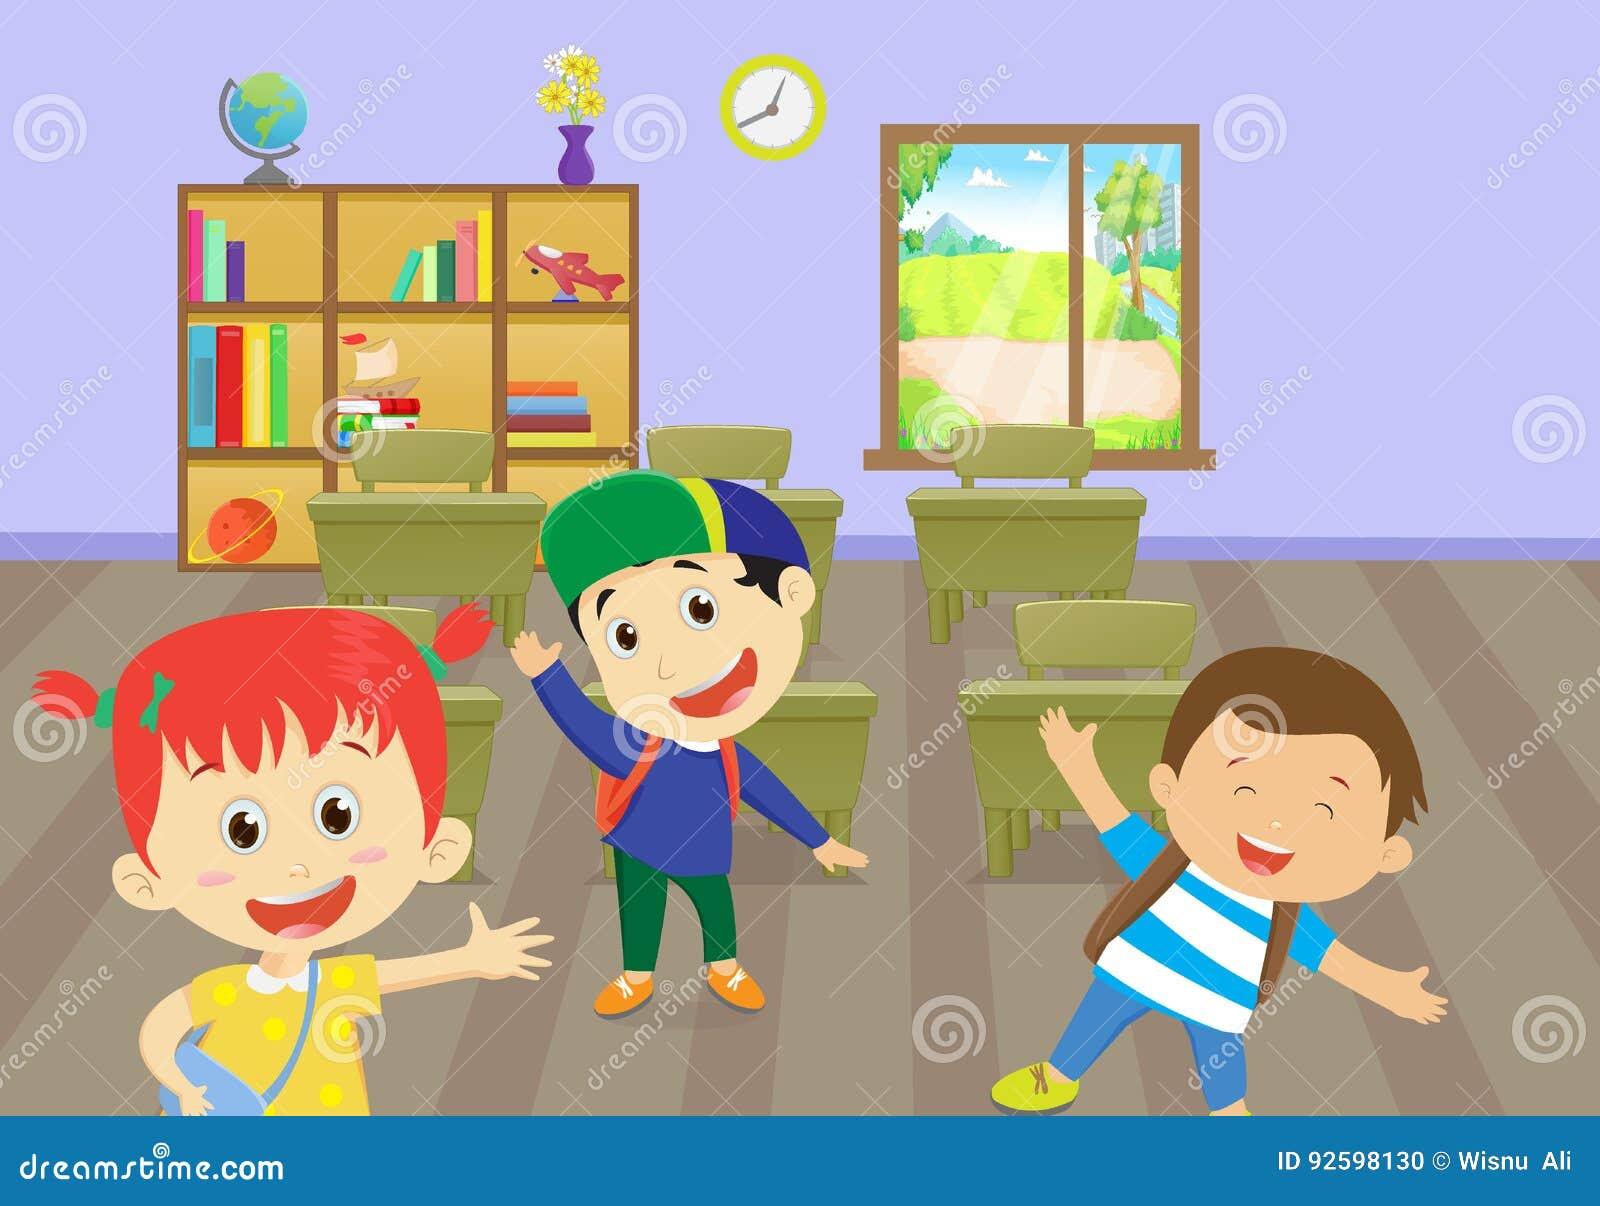 Απεικόνιση των ευτυχών παιδιών που απολαμβάνουν στην τάξη